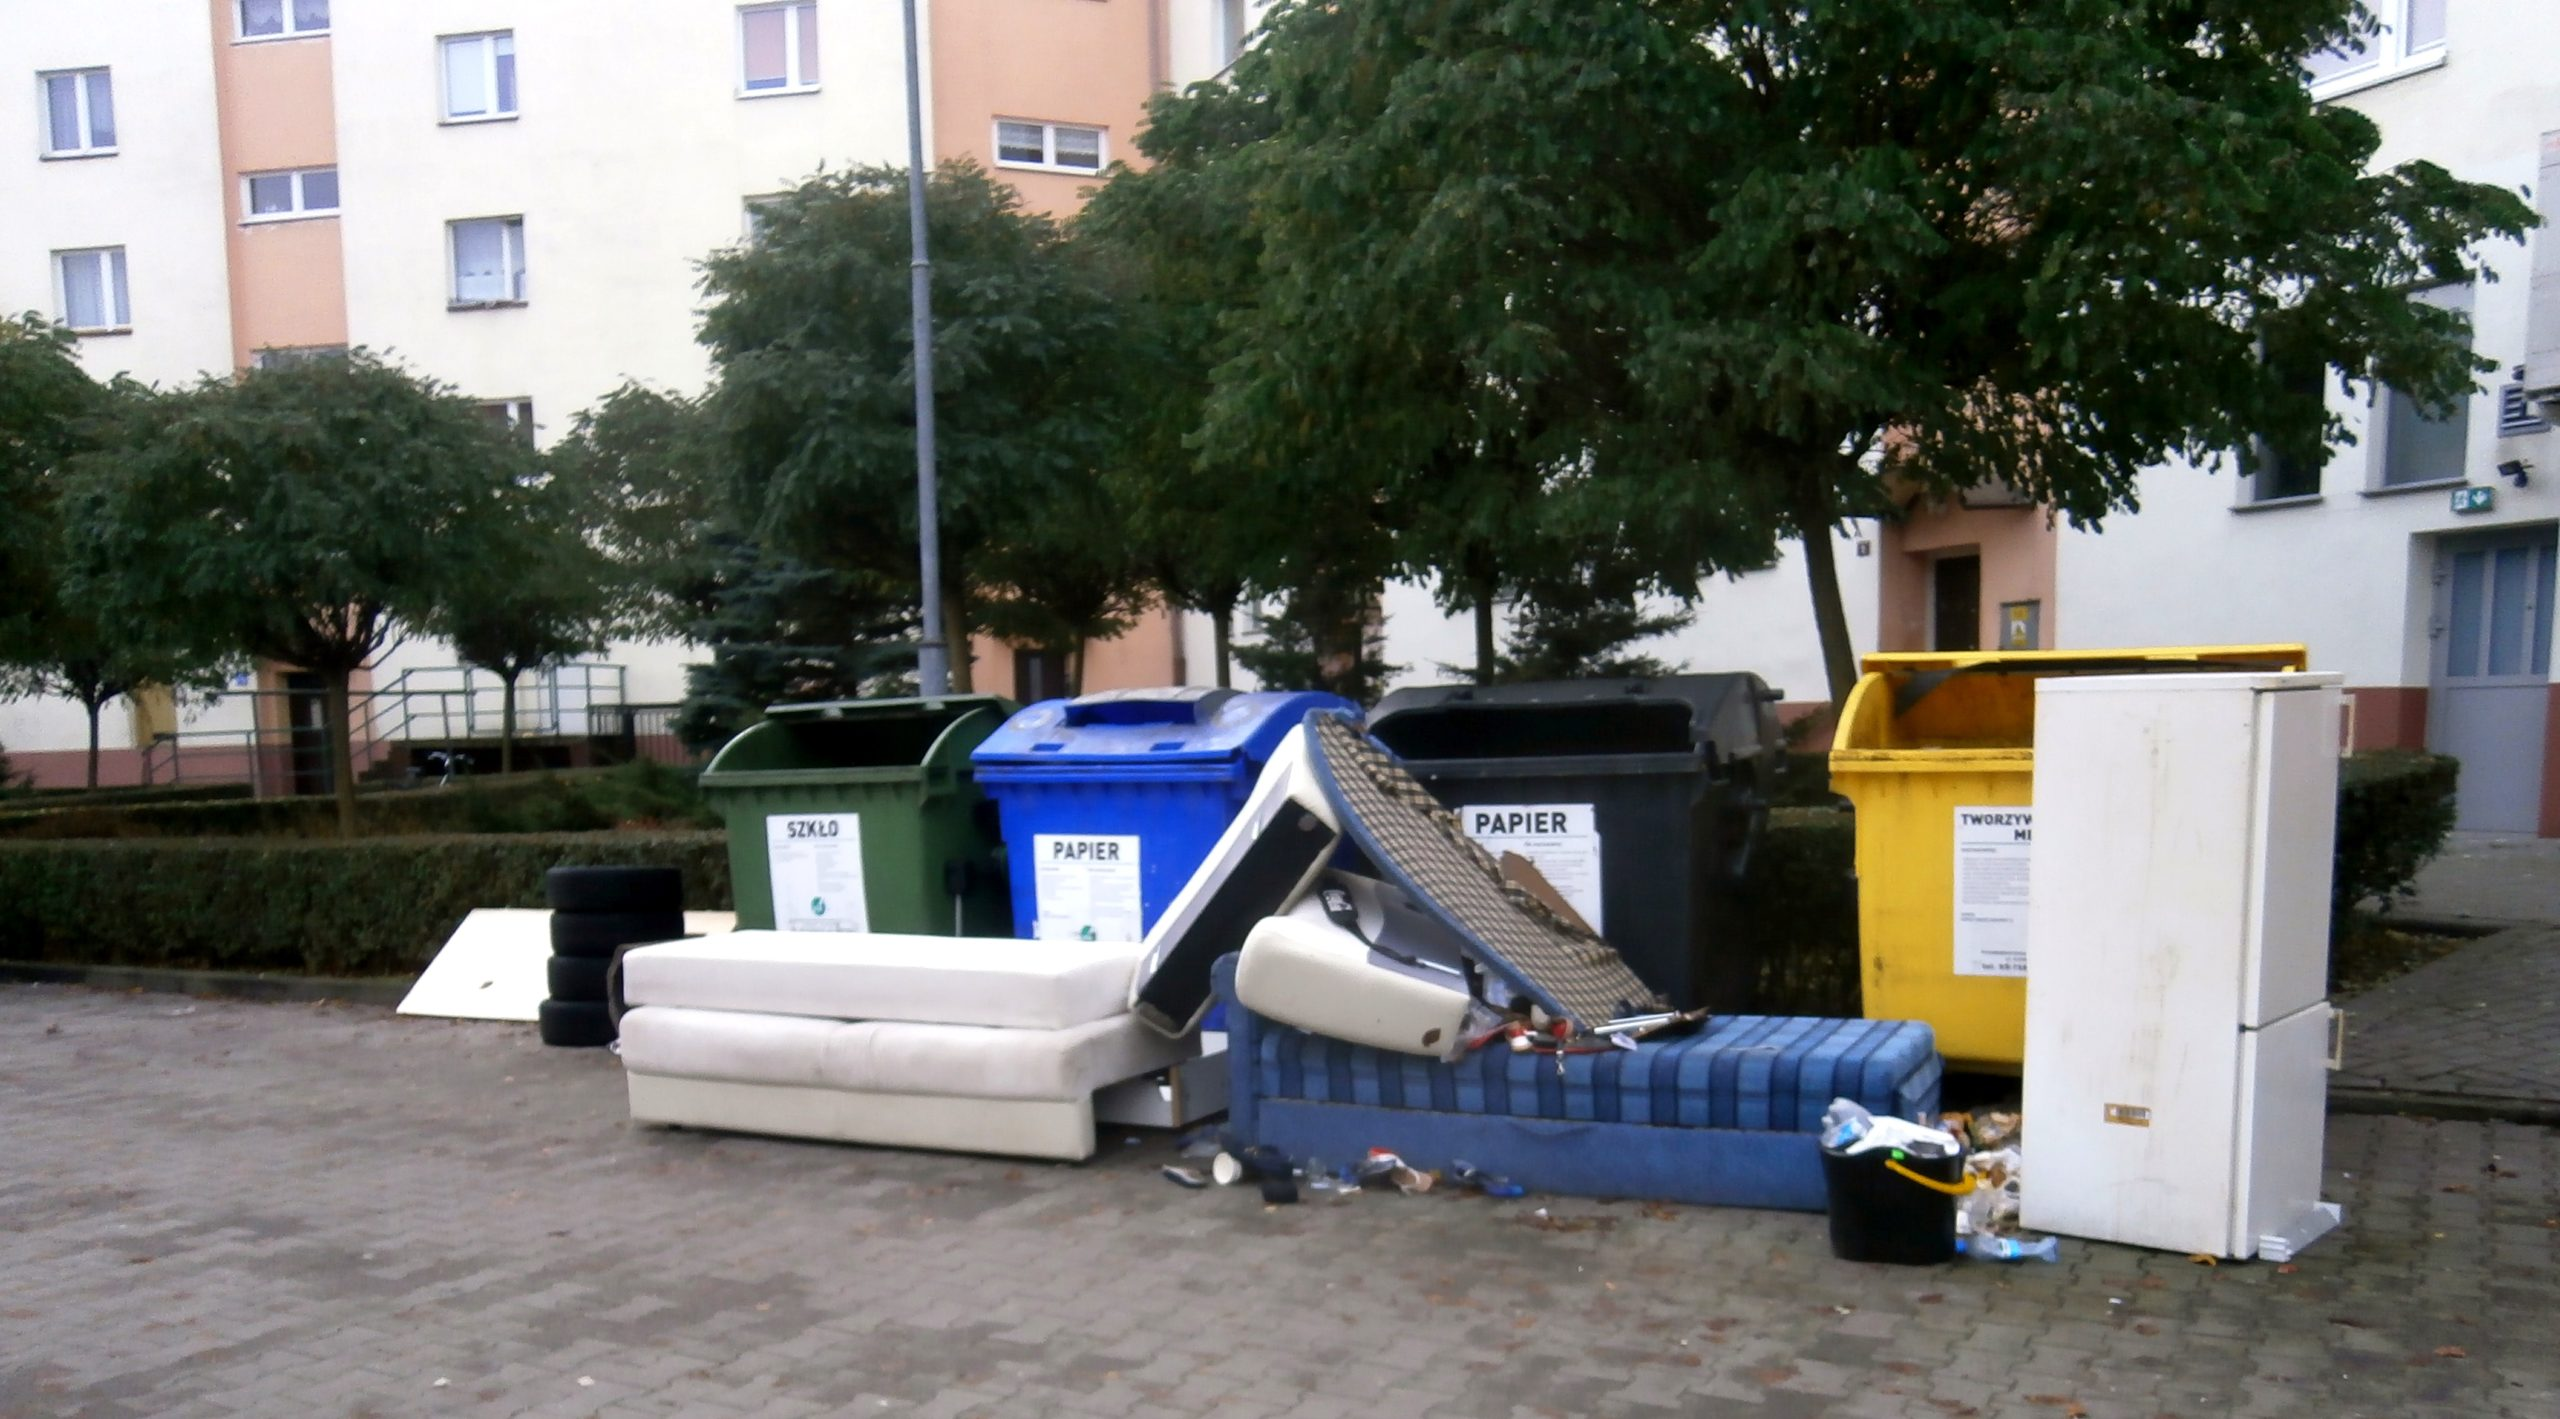 Słubice czyste miasto? Od nas to zależy!